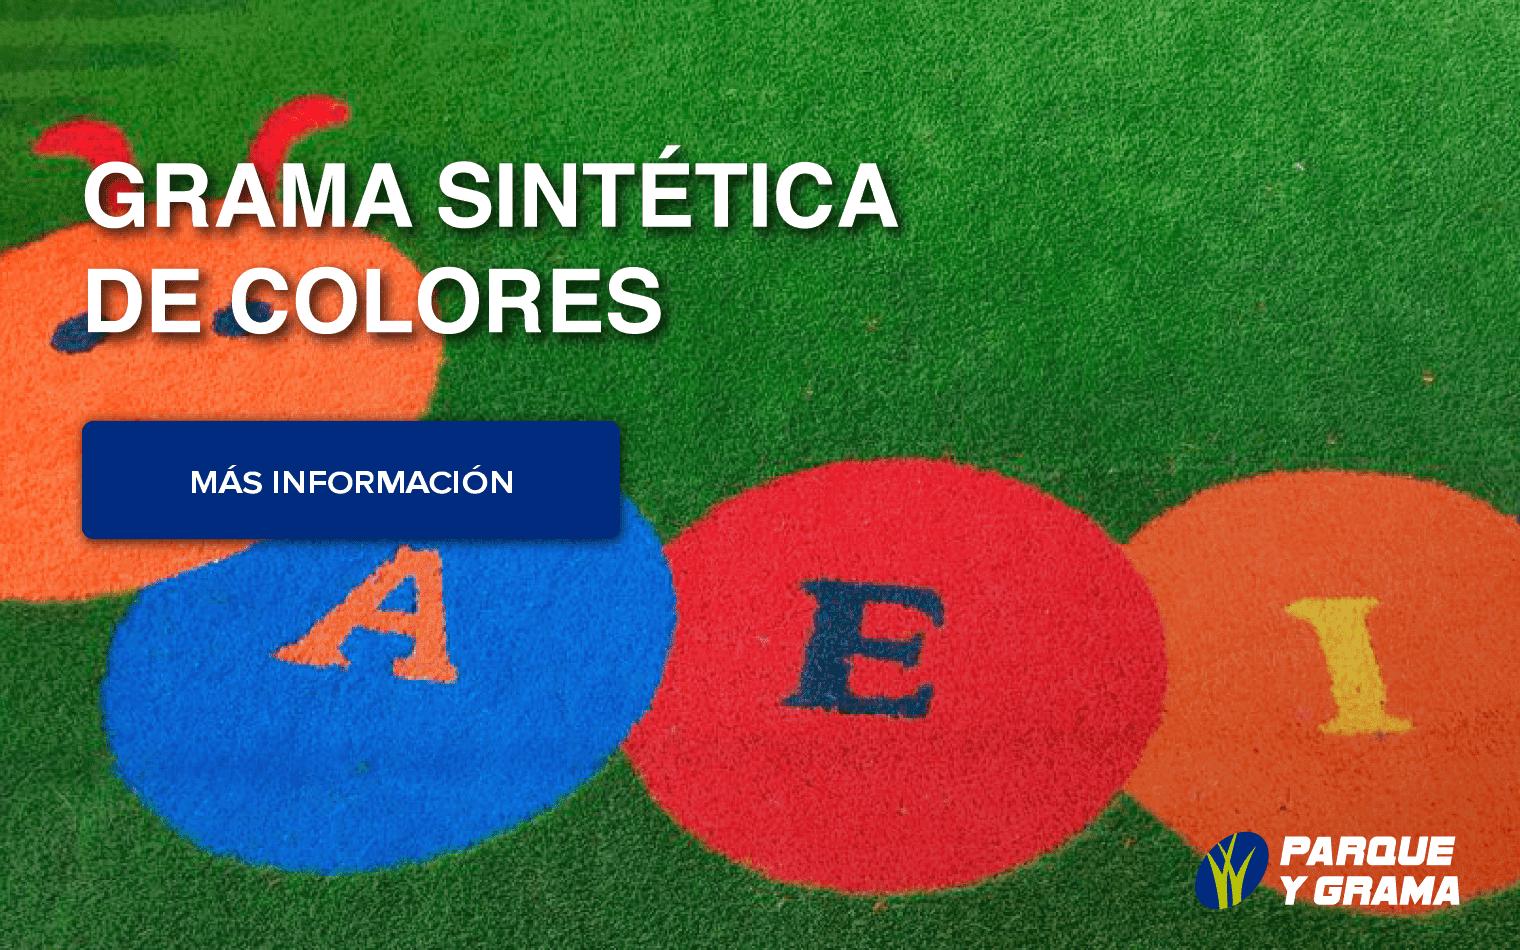 grama sintética de colores para parque infantil